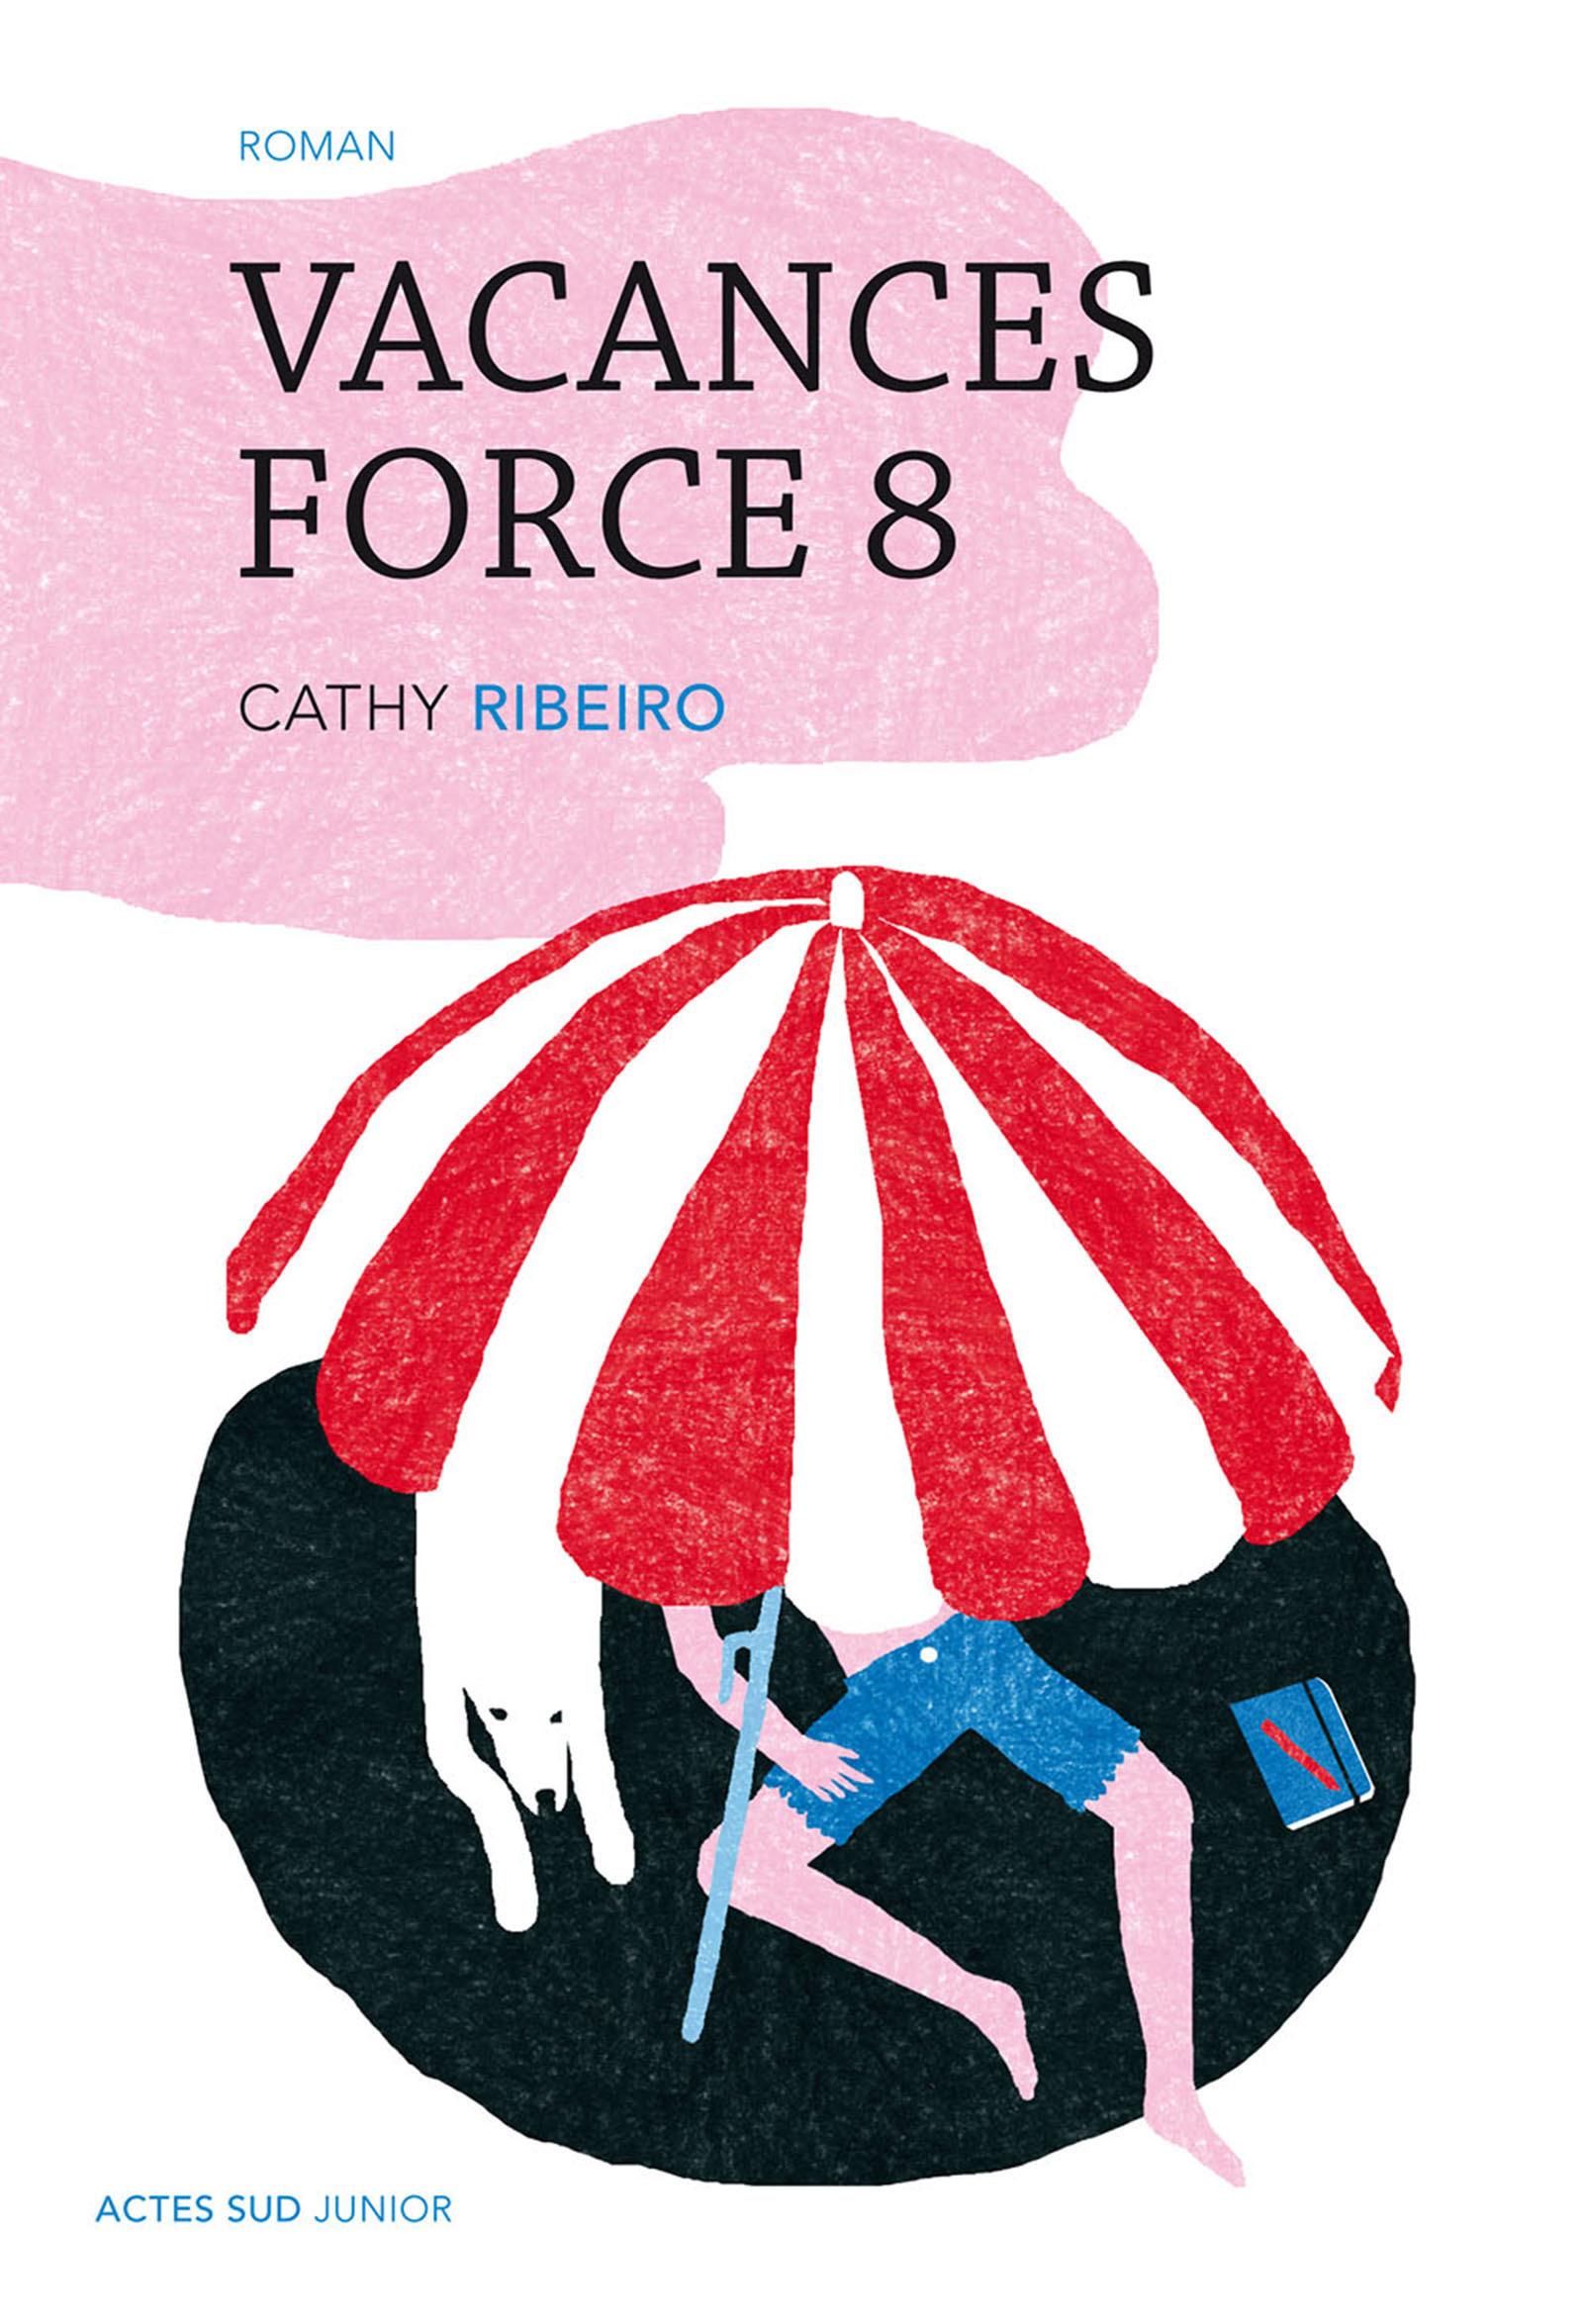 Vacances force 8 |